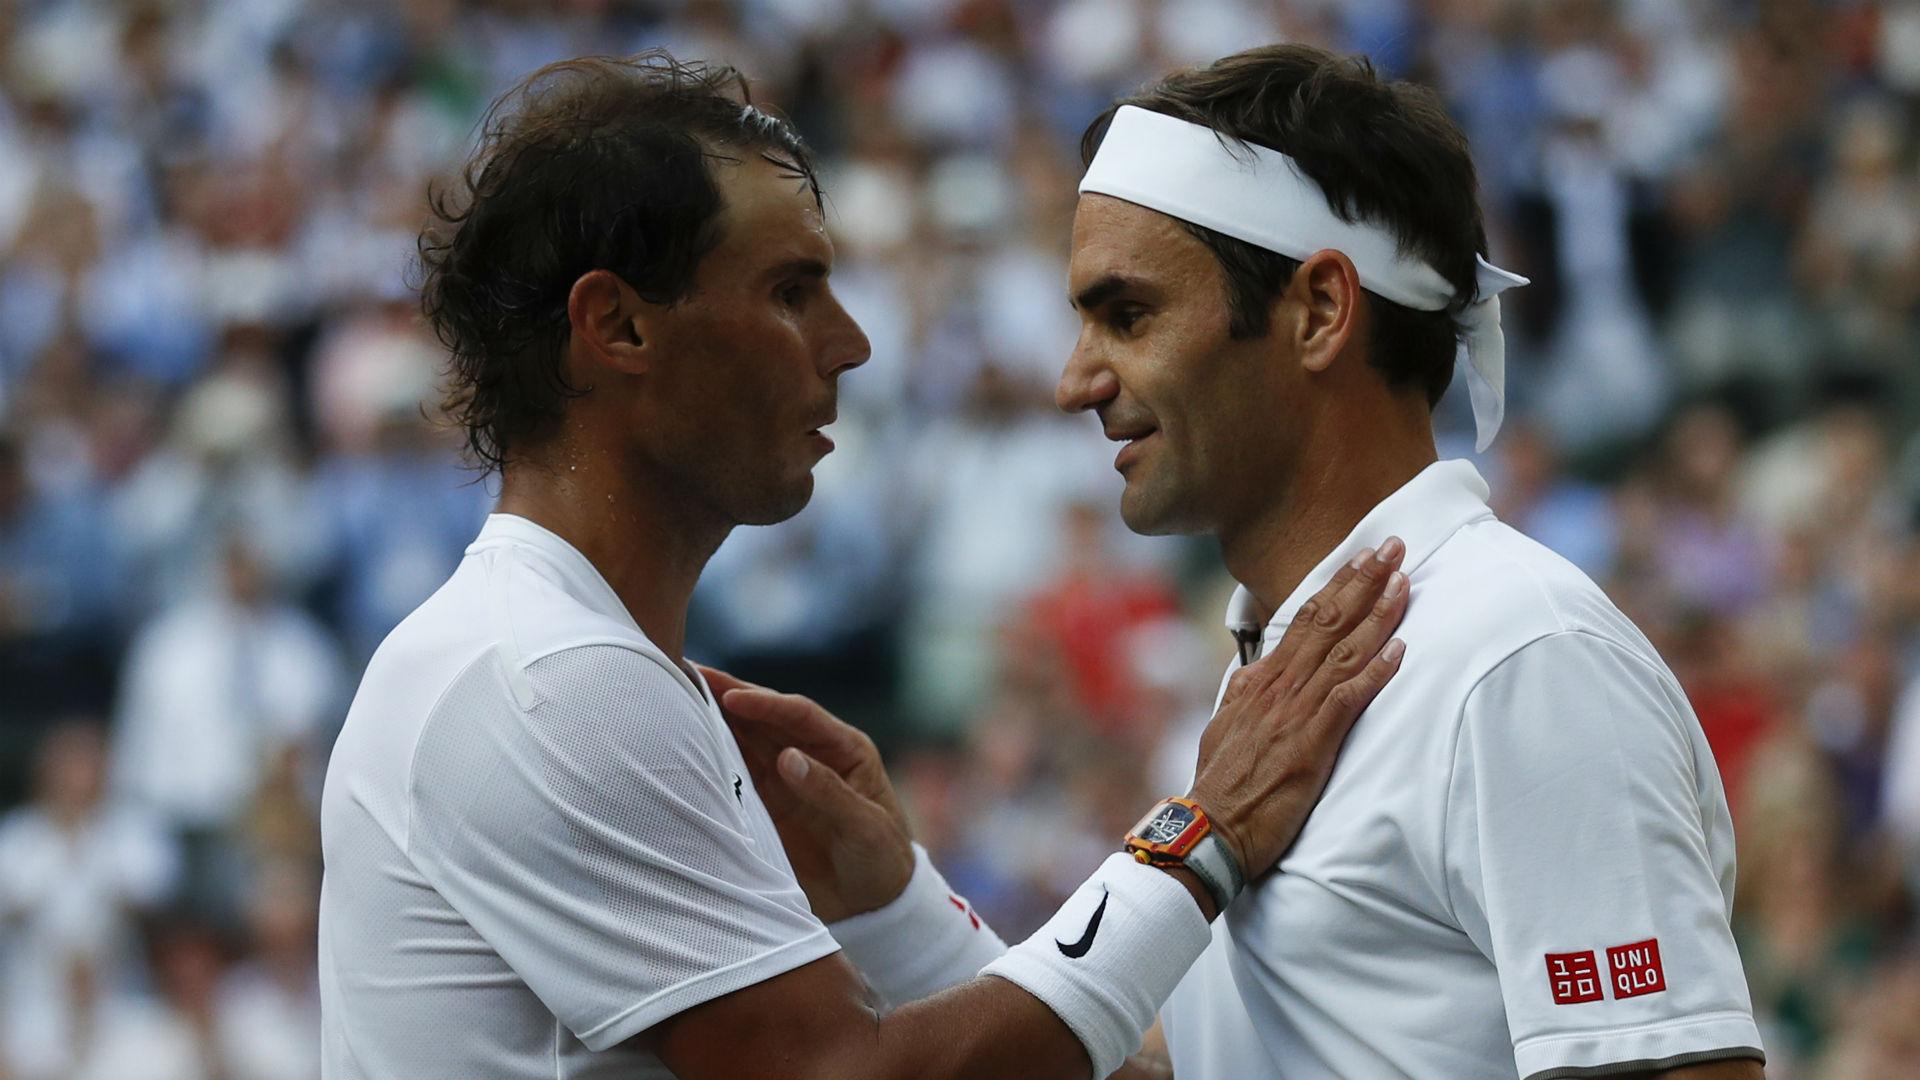 'Sad' Nadal admits Federer deserved to win